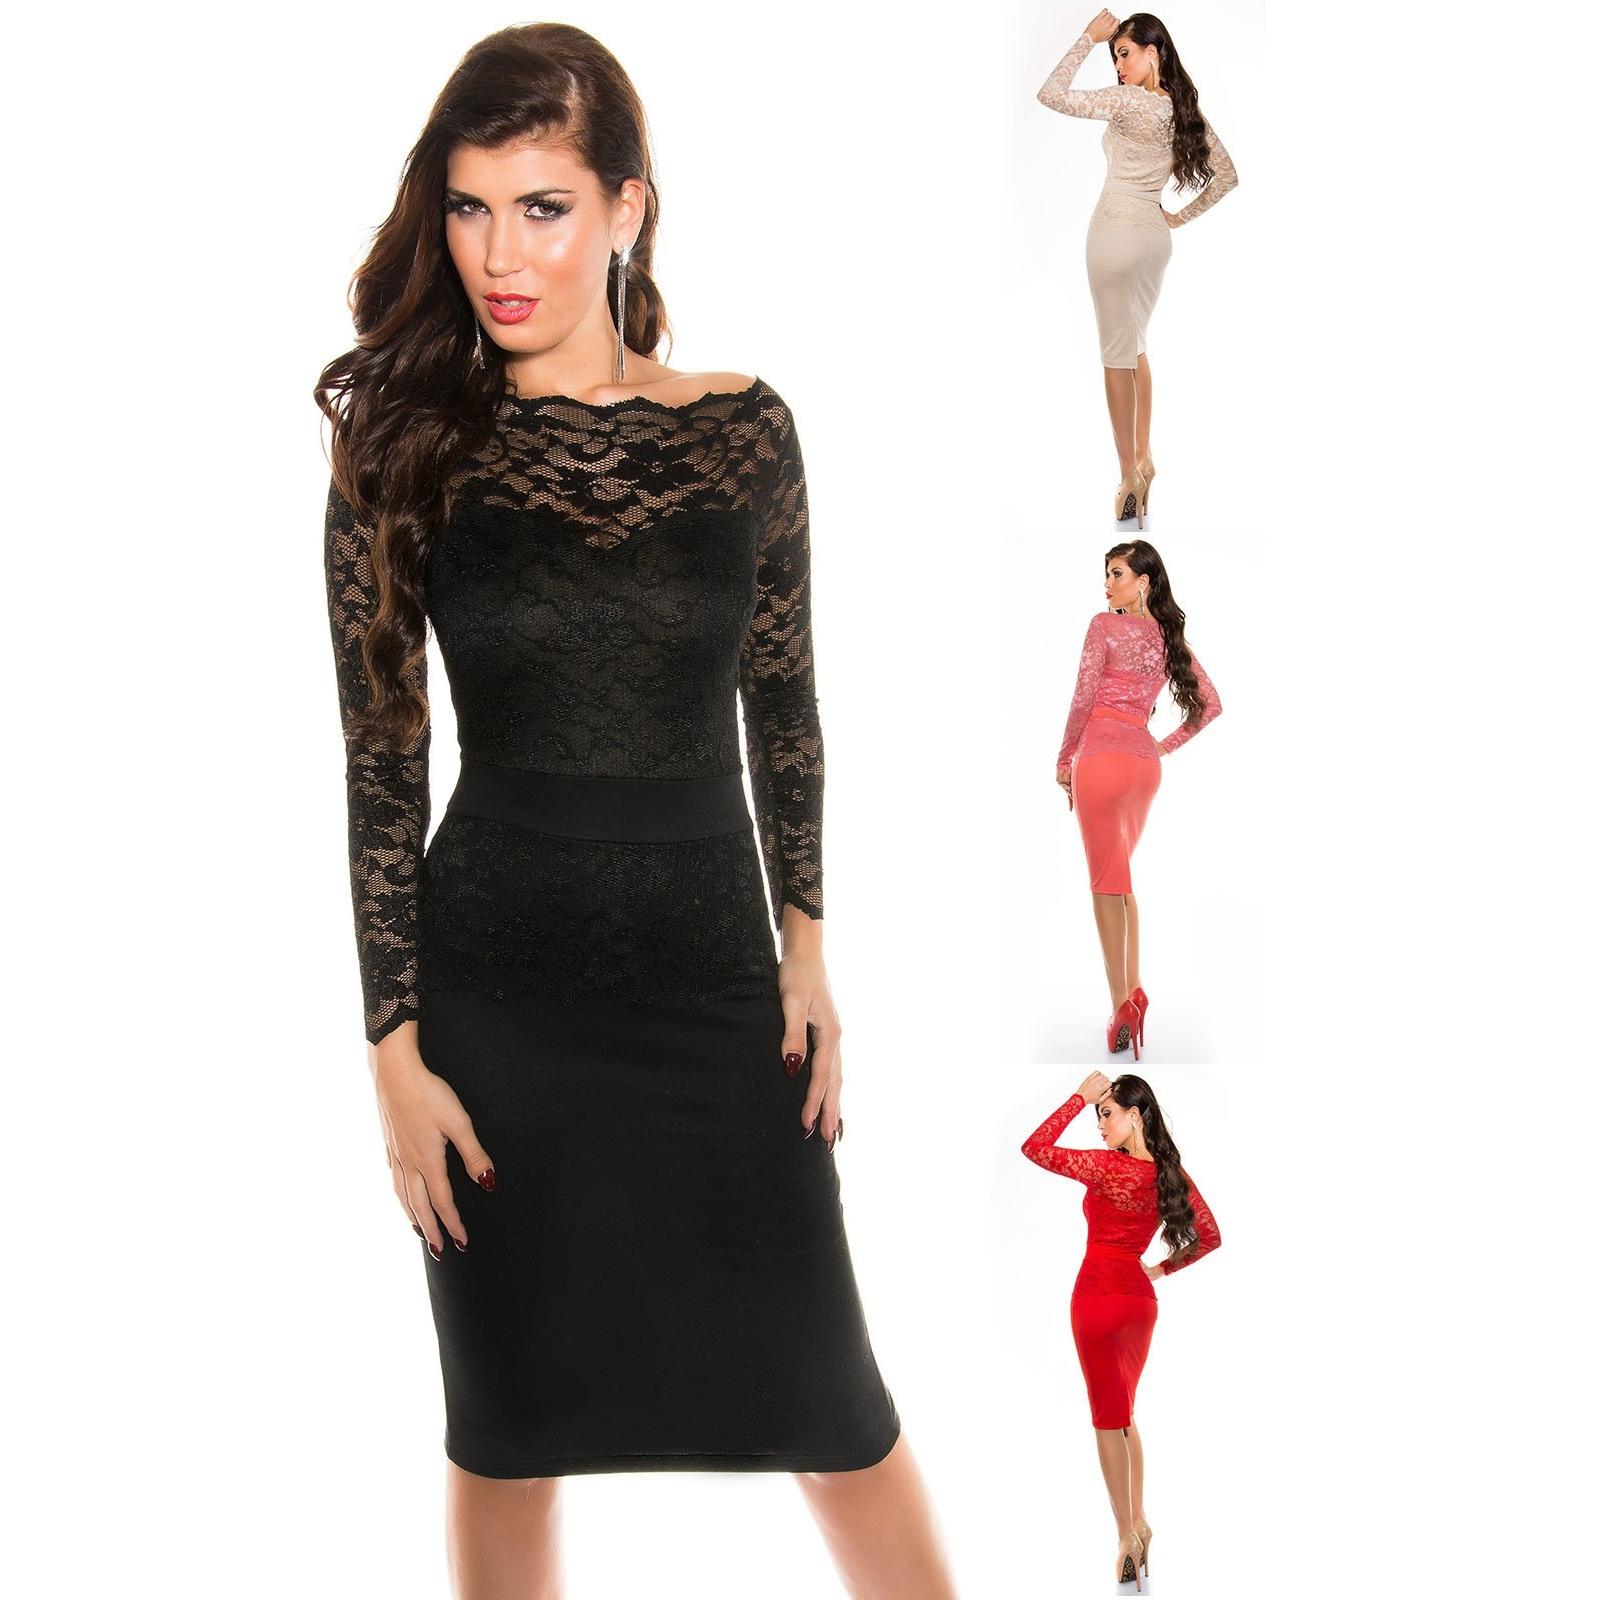 15 Großartig Kleid Schwarz Knielang Mit Spitze Stylish Leicht Kleid Schwarz Knielang Mit Spitze für 2019